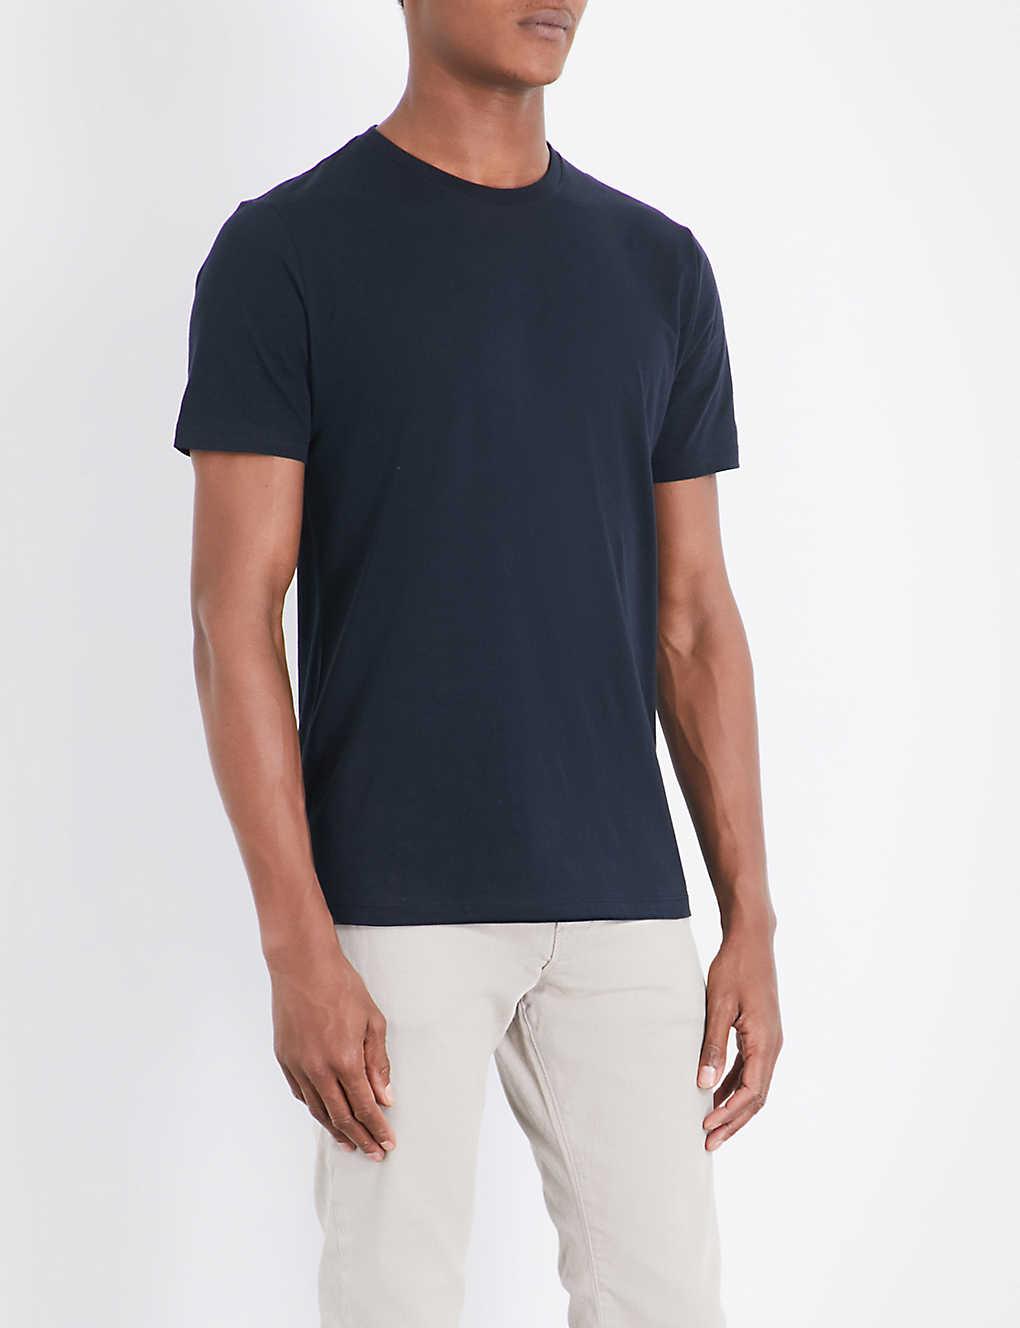 06b2be1ed5ba9c REISS - Bless cotton-jersey T-shirt | Selfridges.com